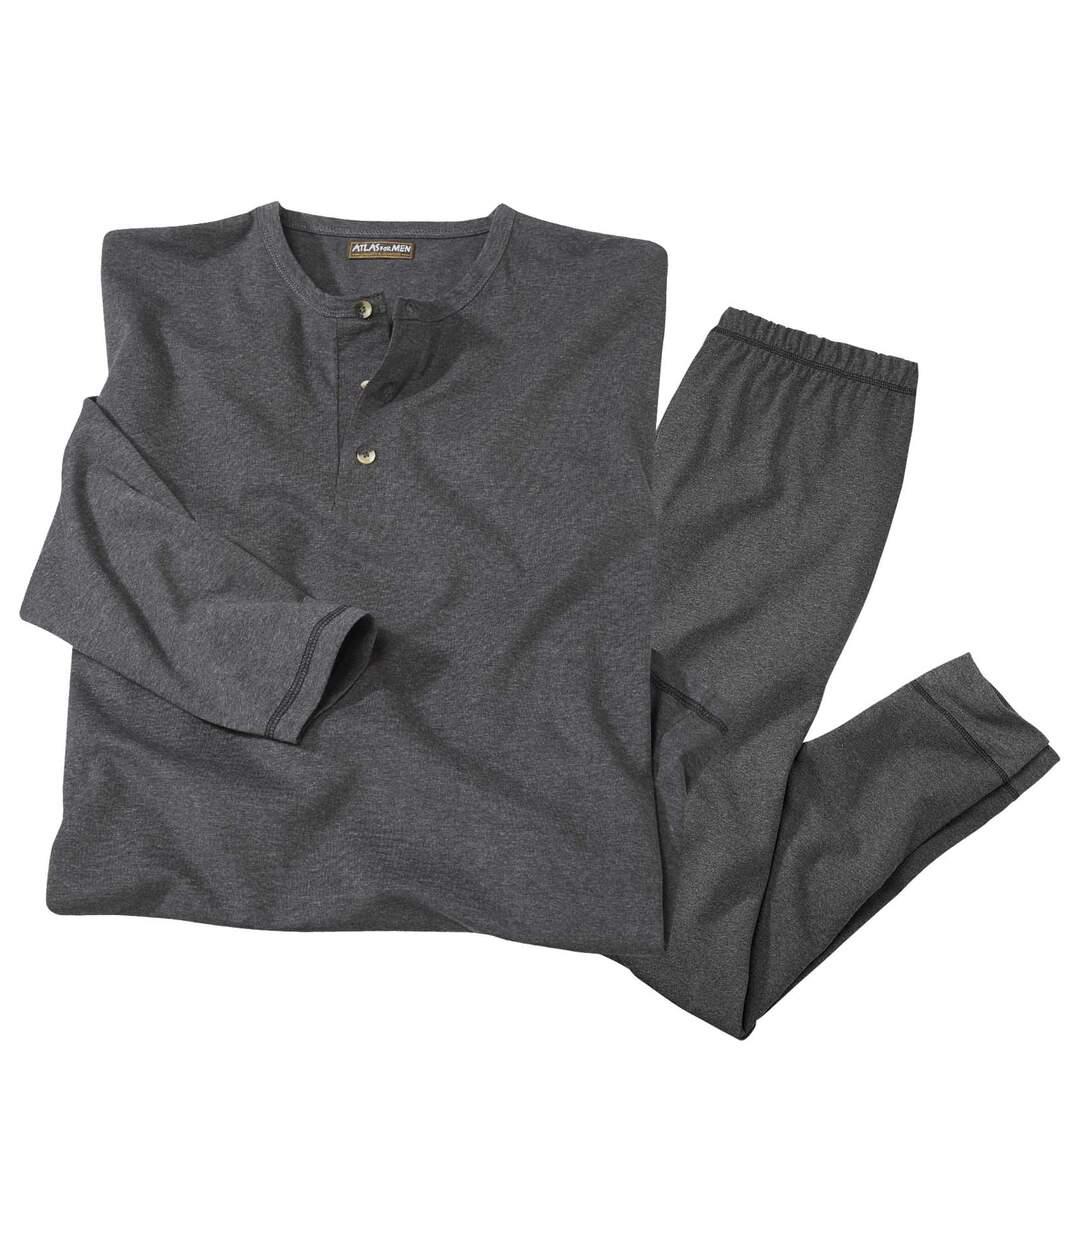 Men's Grey Thermal Loungewear